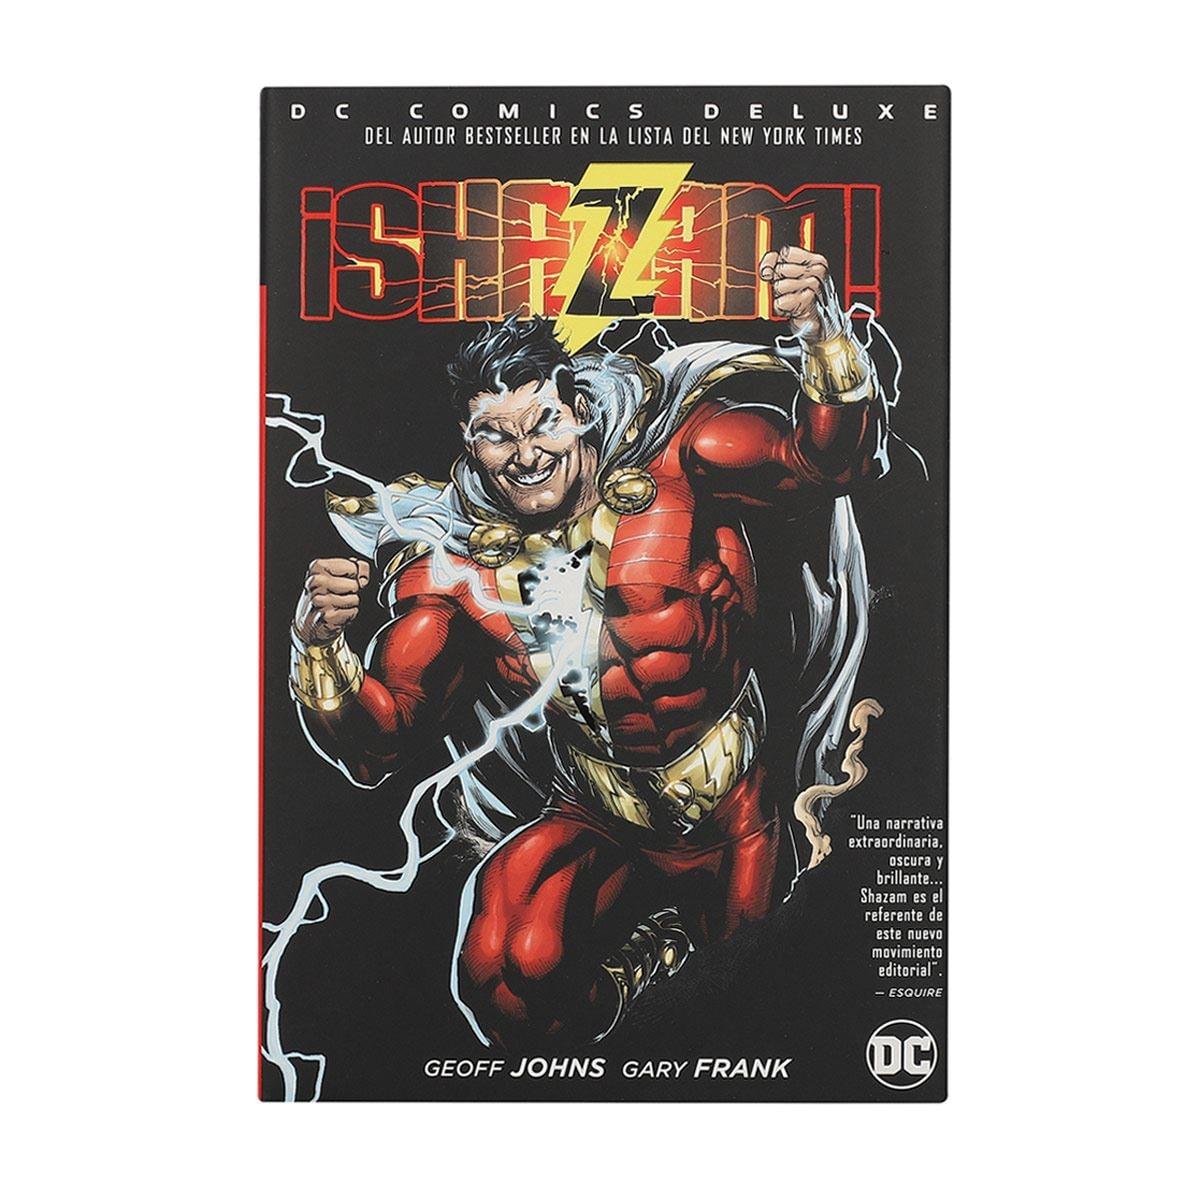 ¡Shazam! DC comics deluxe